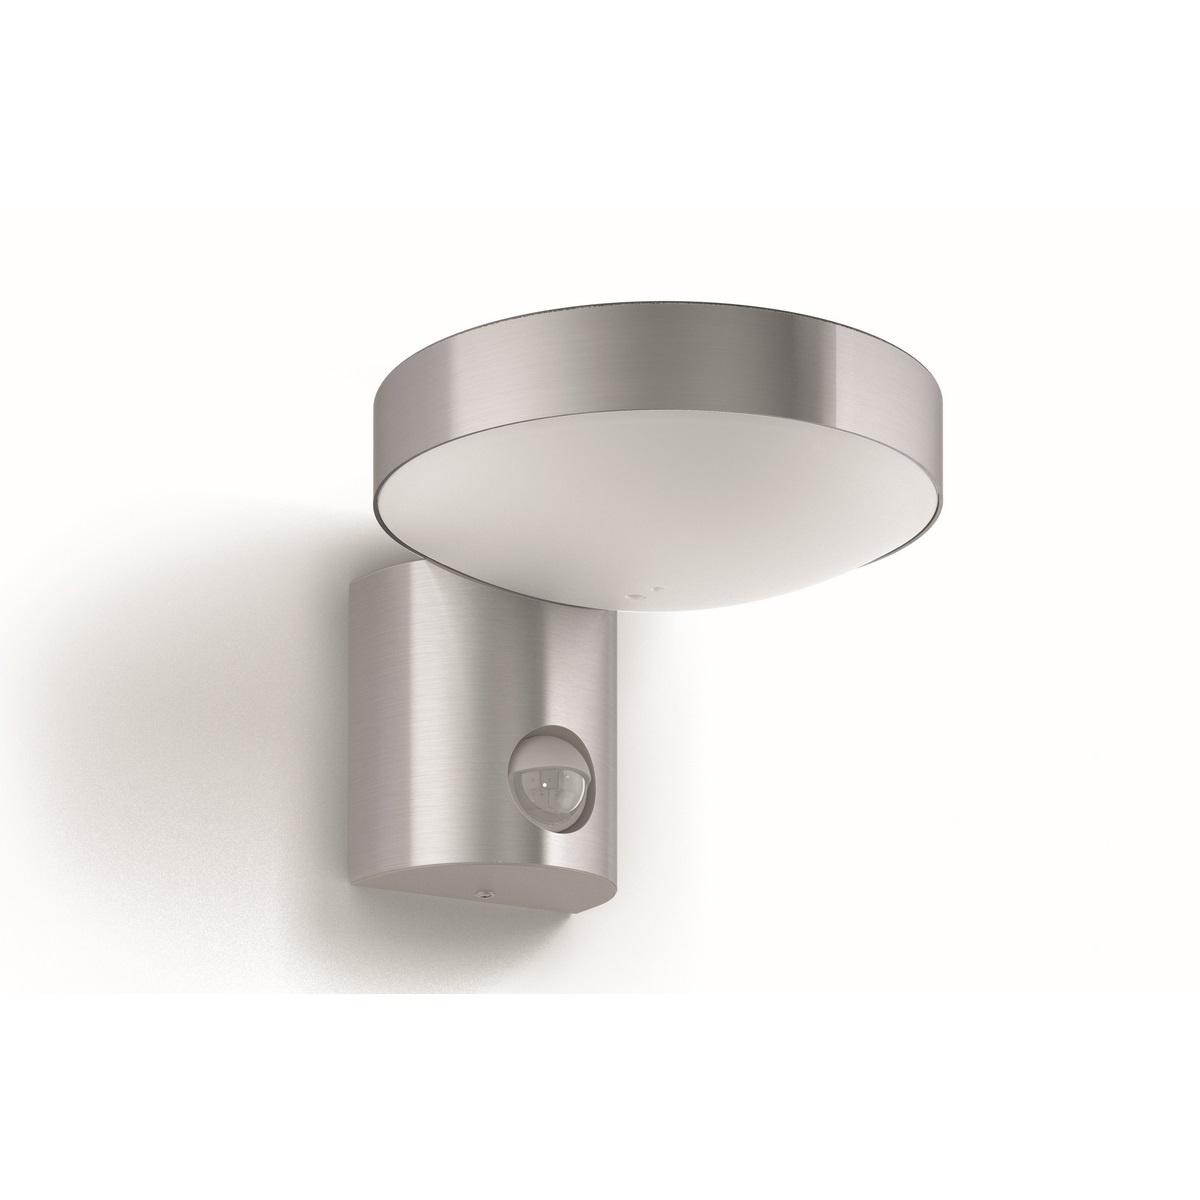 Philips 16491/47/P0 Cockatoo Venkovní nástěnné LED svítidlo s čidlem 17 cm, stříbrná